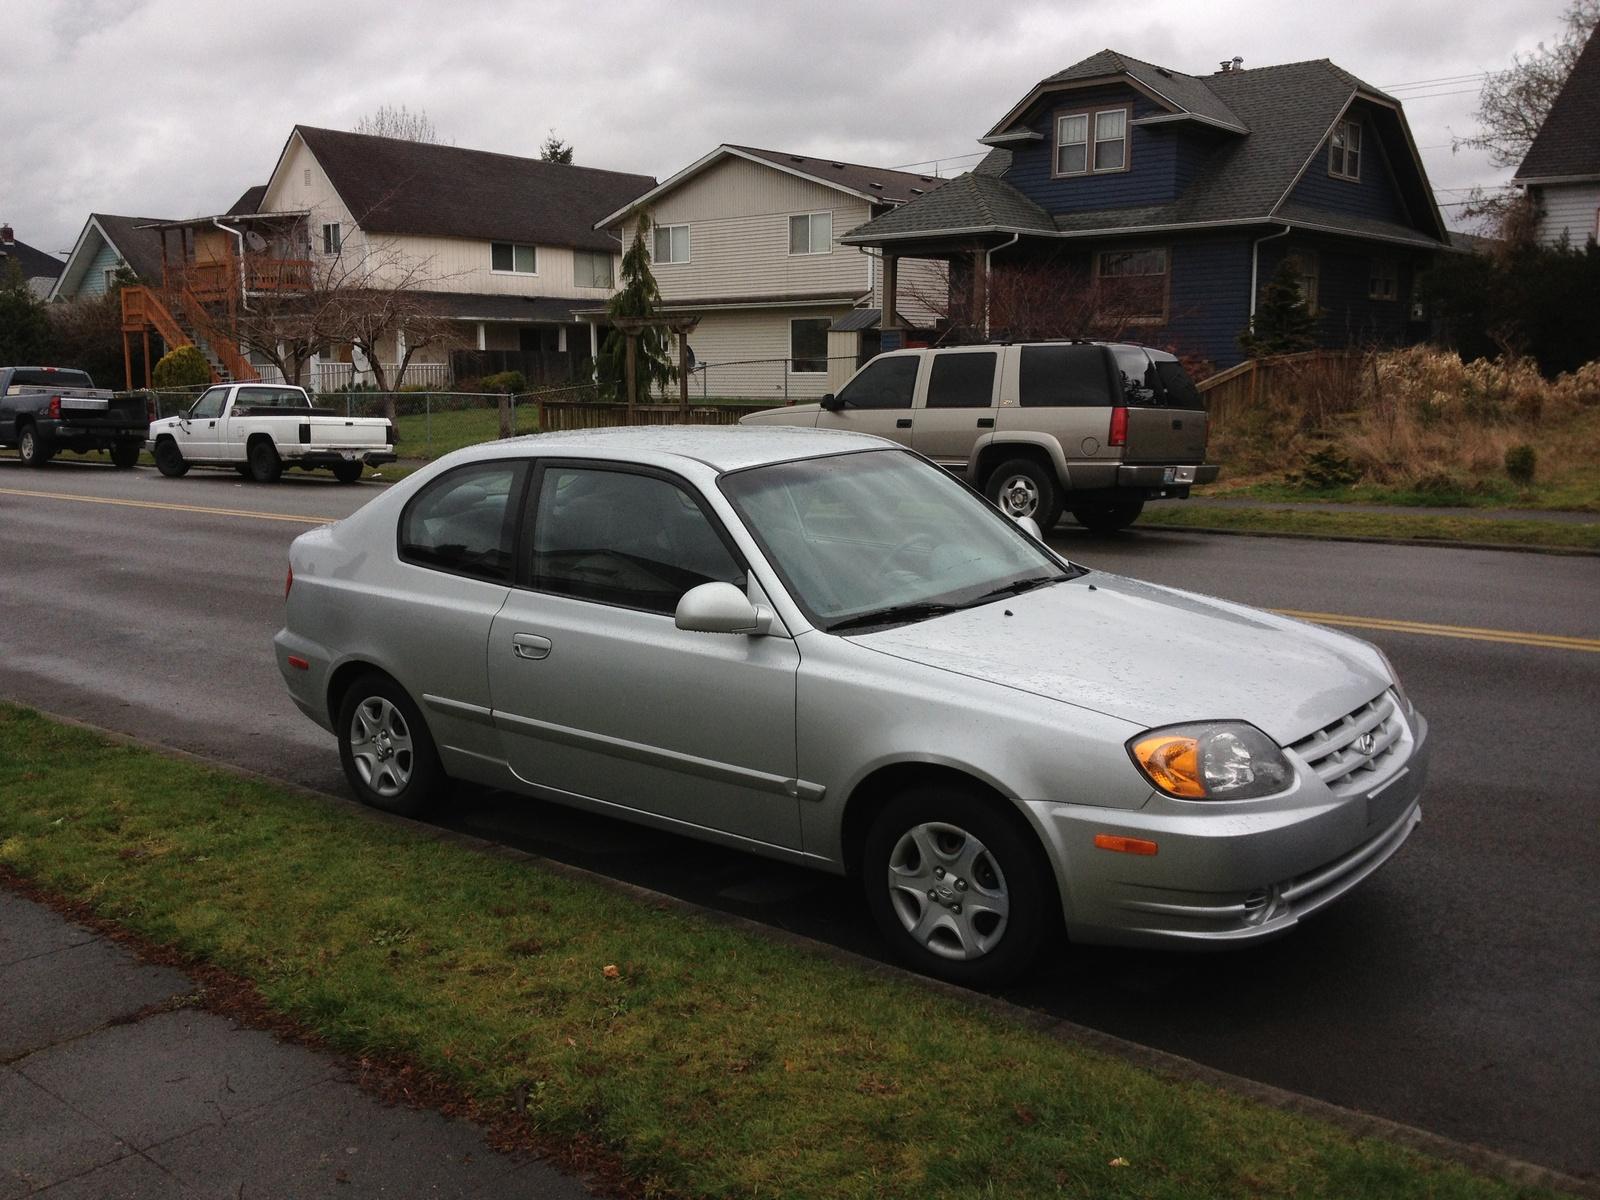 2005 Hyundai Accent Exterior Pictures Cargurus